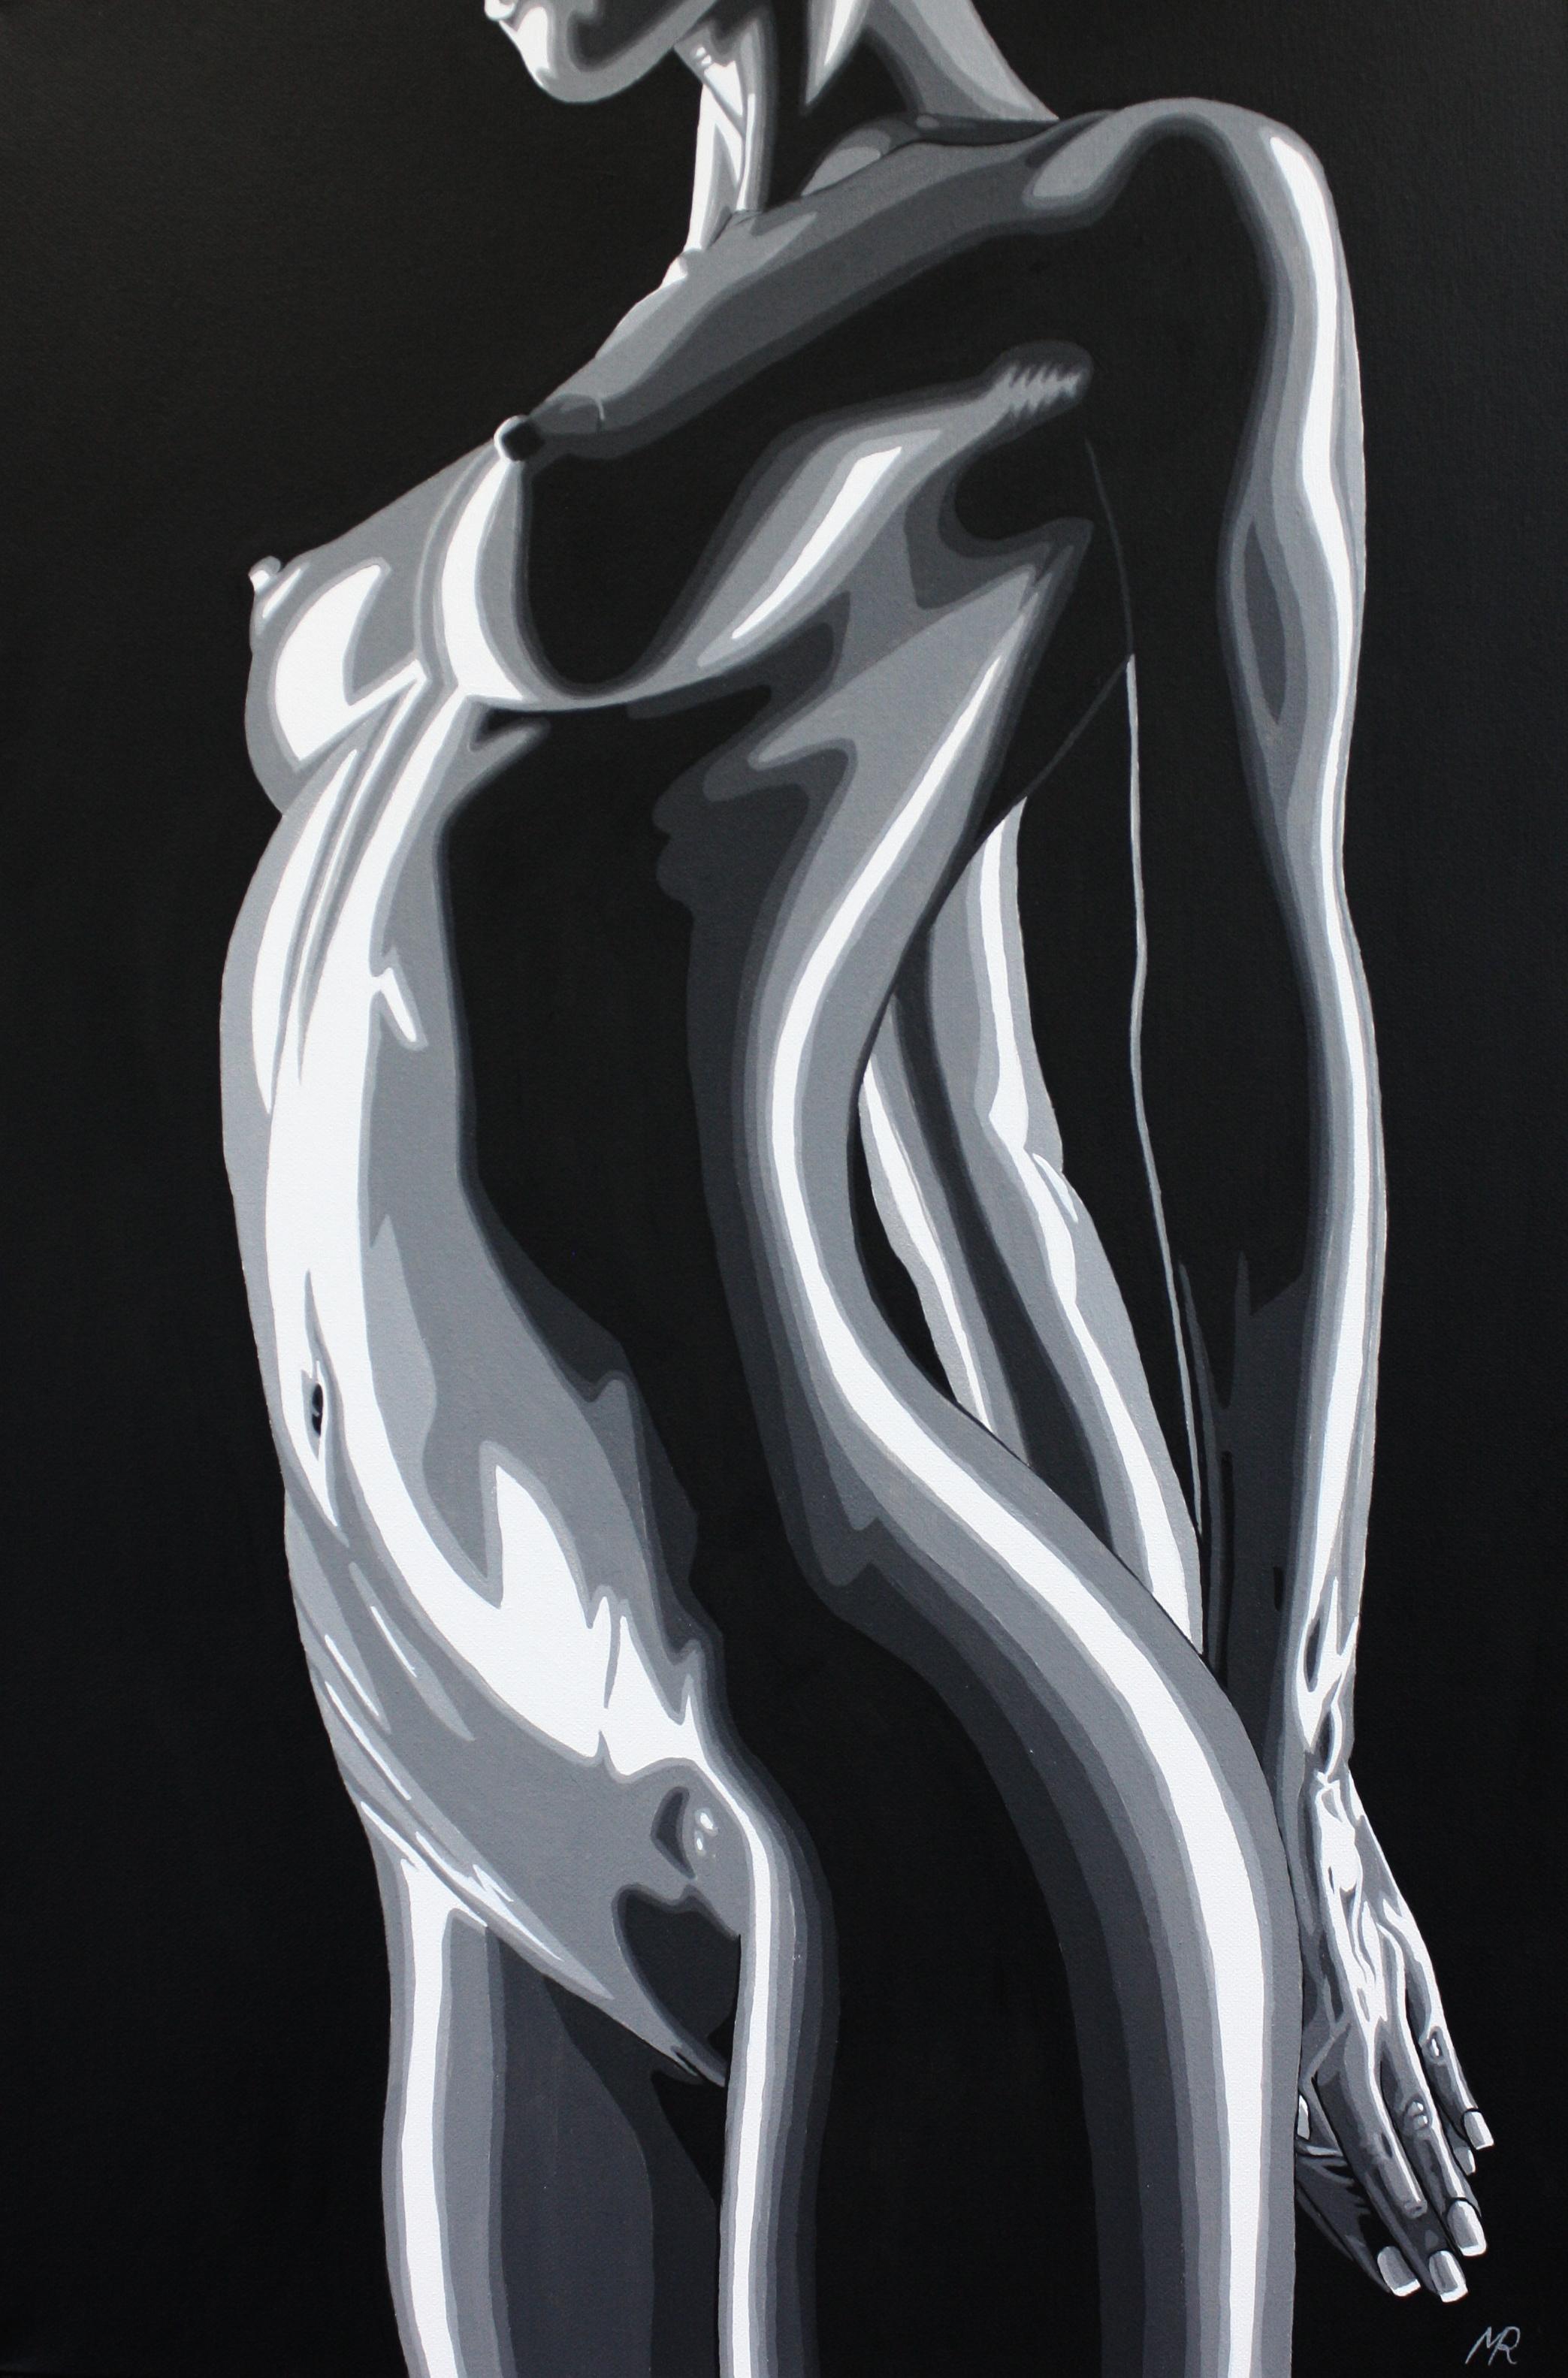 Shades of Grey I